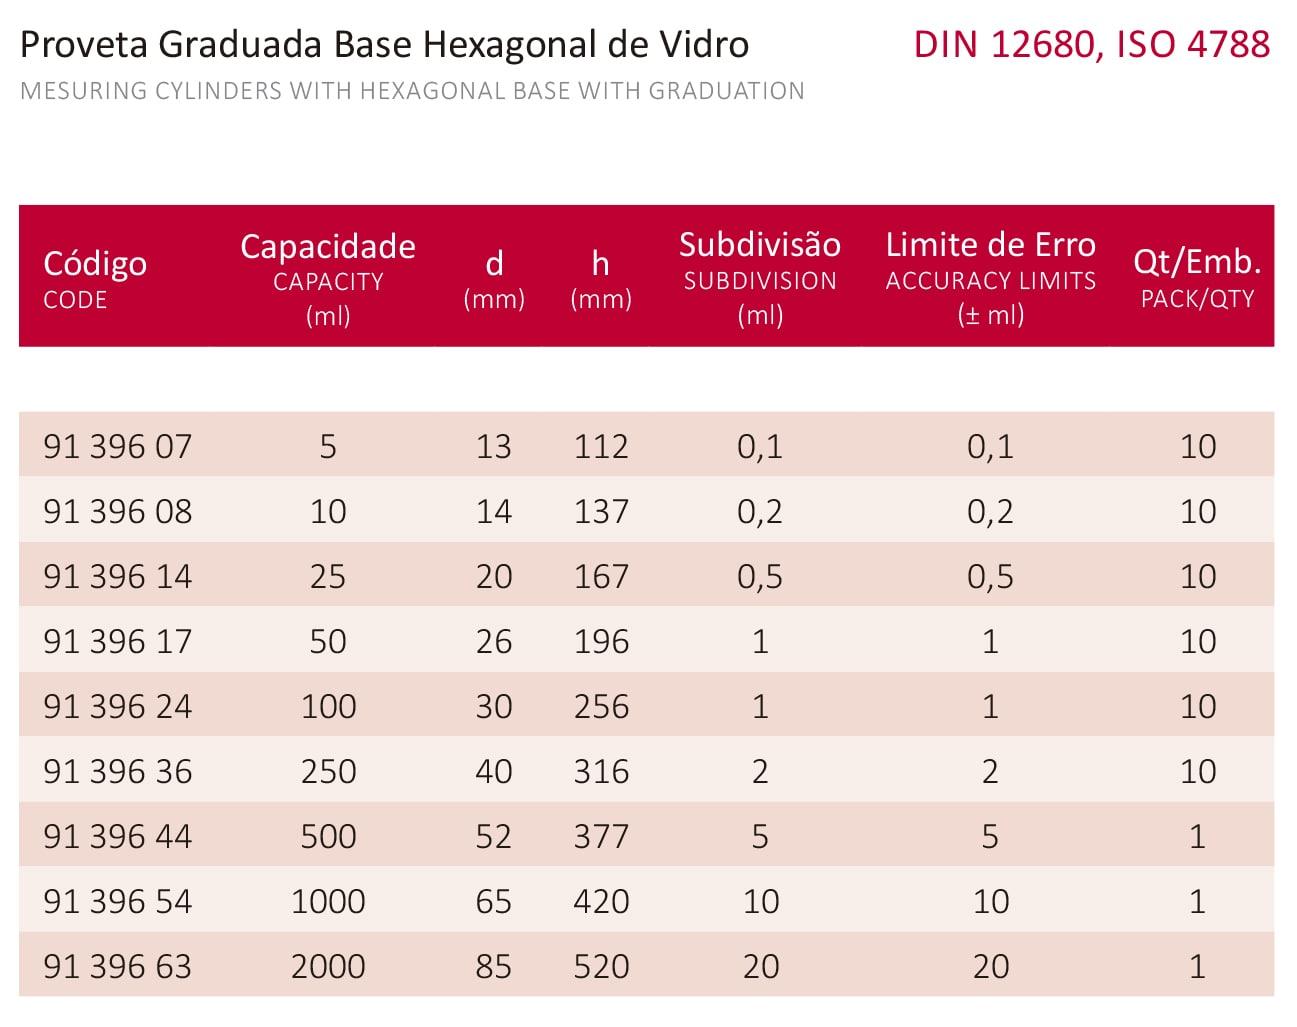 PROVETA GRADUADA BASE HEXAGONAL DE VIDRO 5 ML CERTIFICADO RBC - Laborglas - Cód. 9139607-R